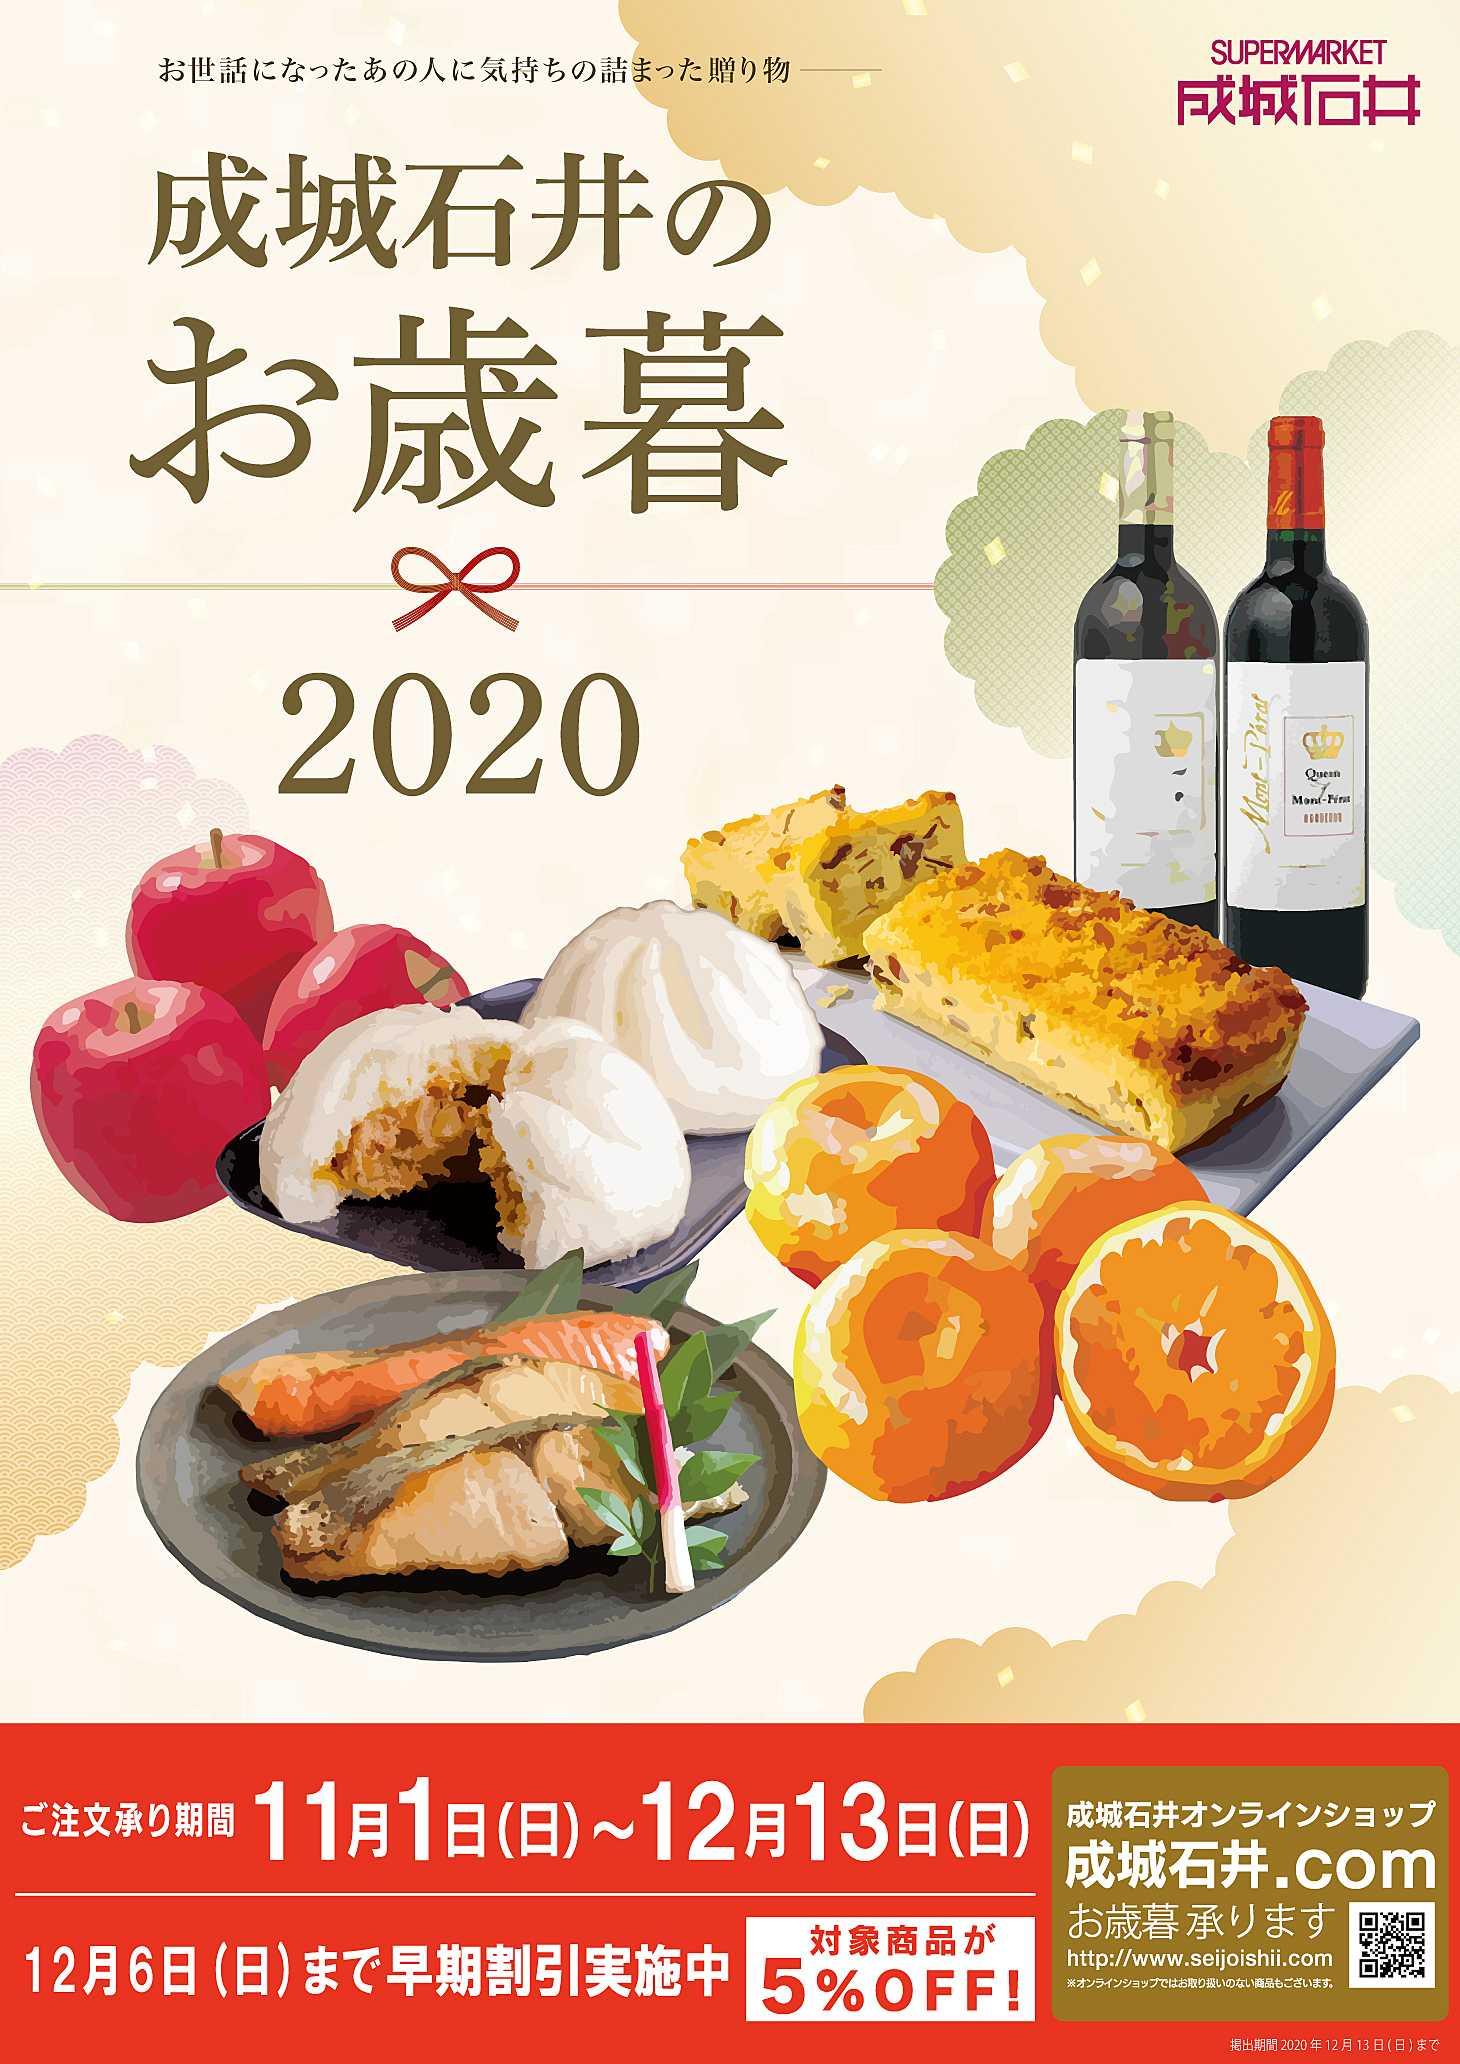 成城石井 2020お歳暮ギフト承ります!